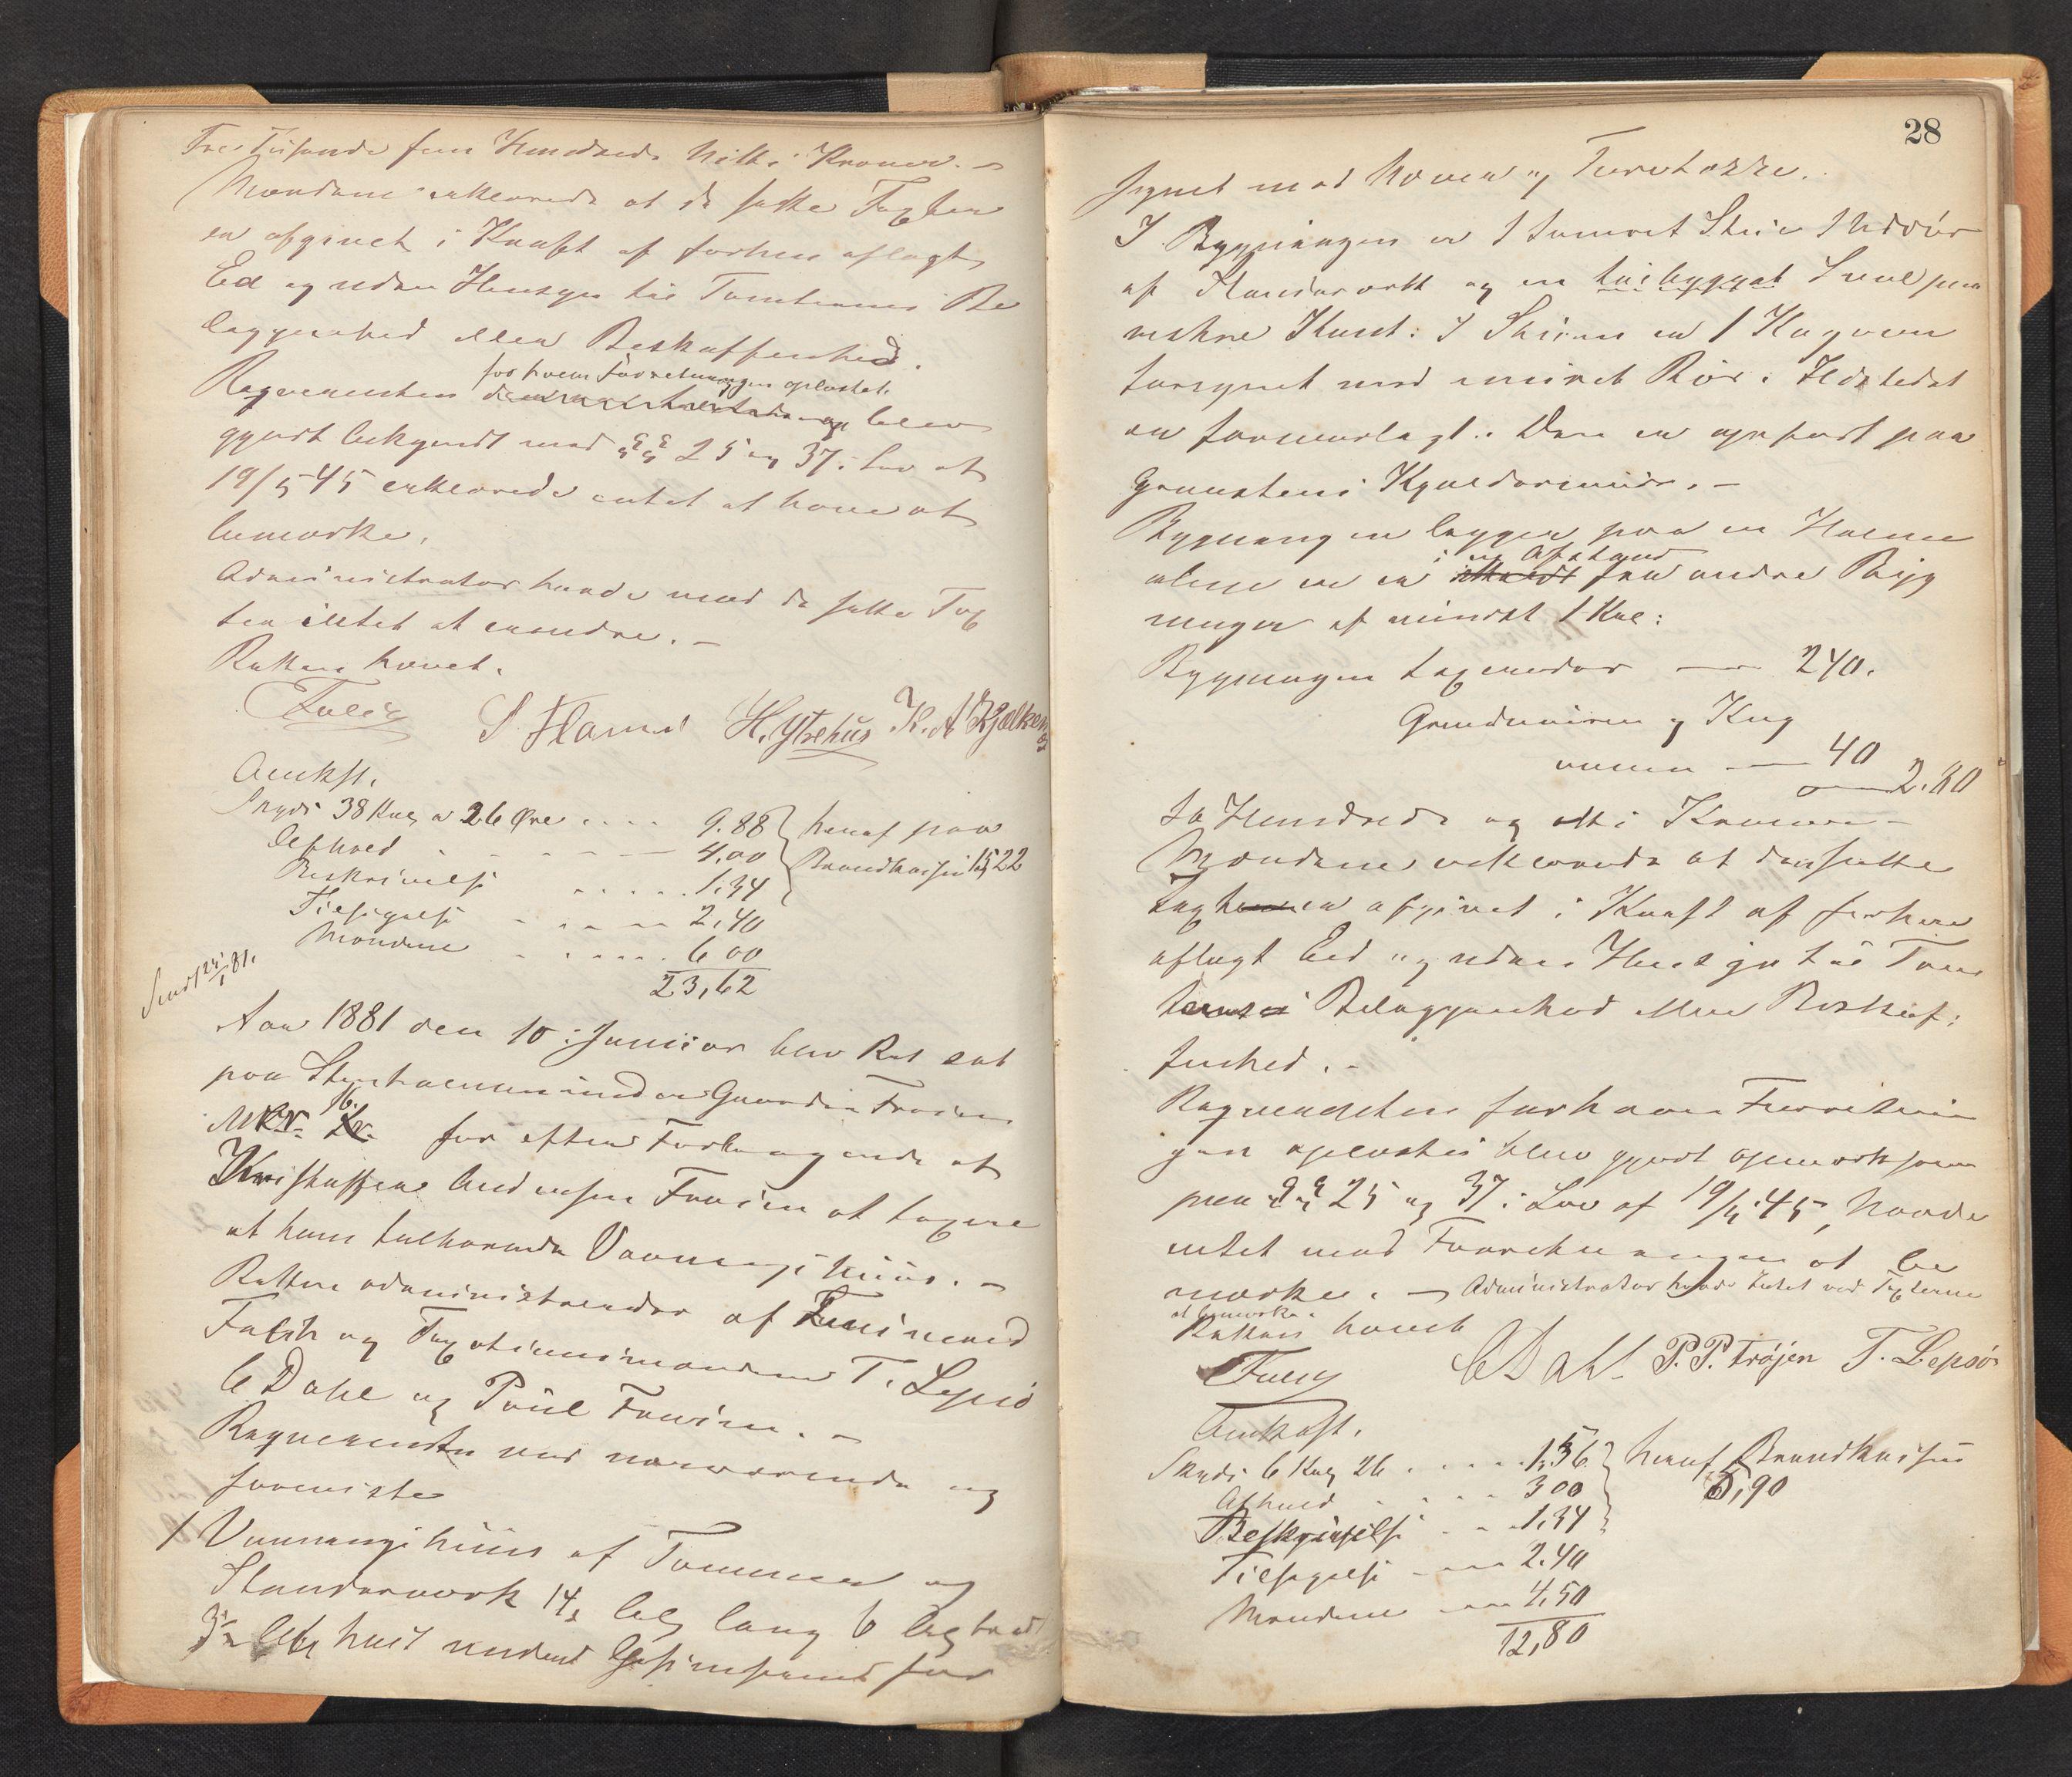 SAB, Lensmannen i Bremanger, 0012/L0002: Branntakstprotokoll, 1879-1947, s. 27b-28a